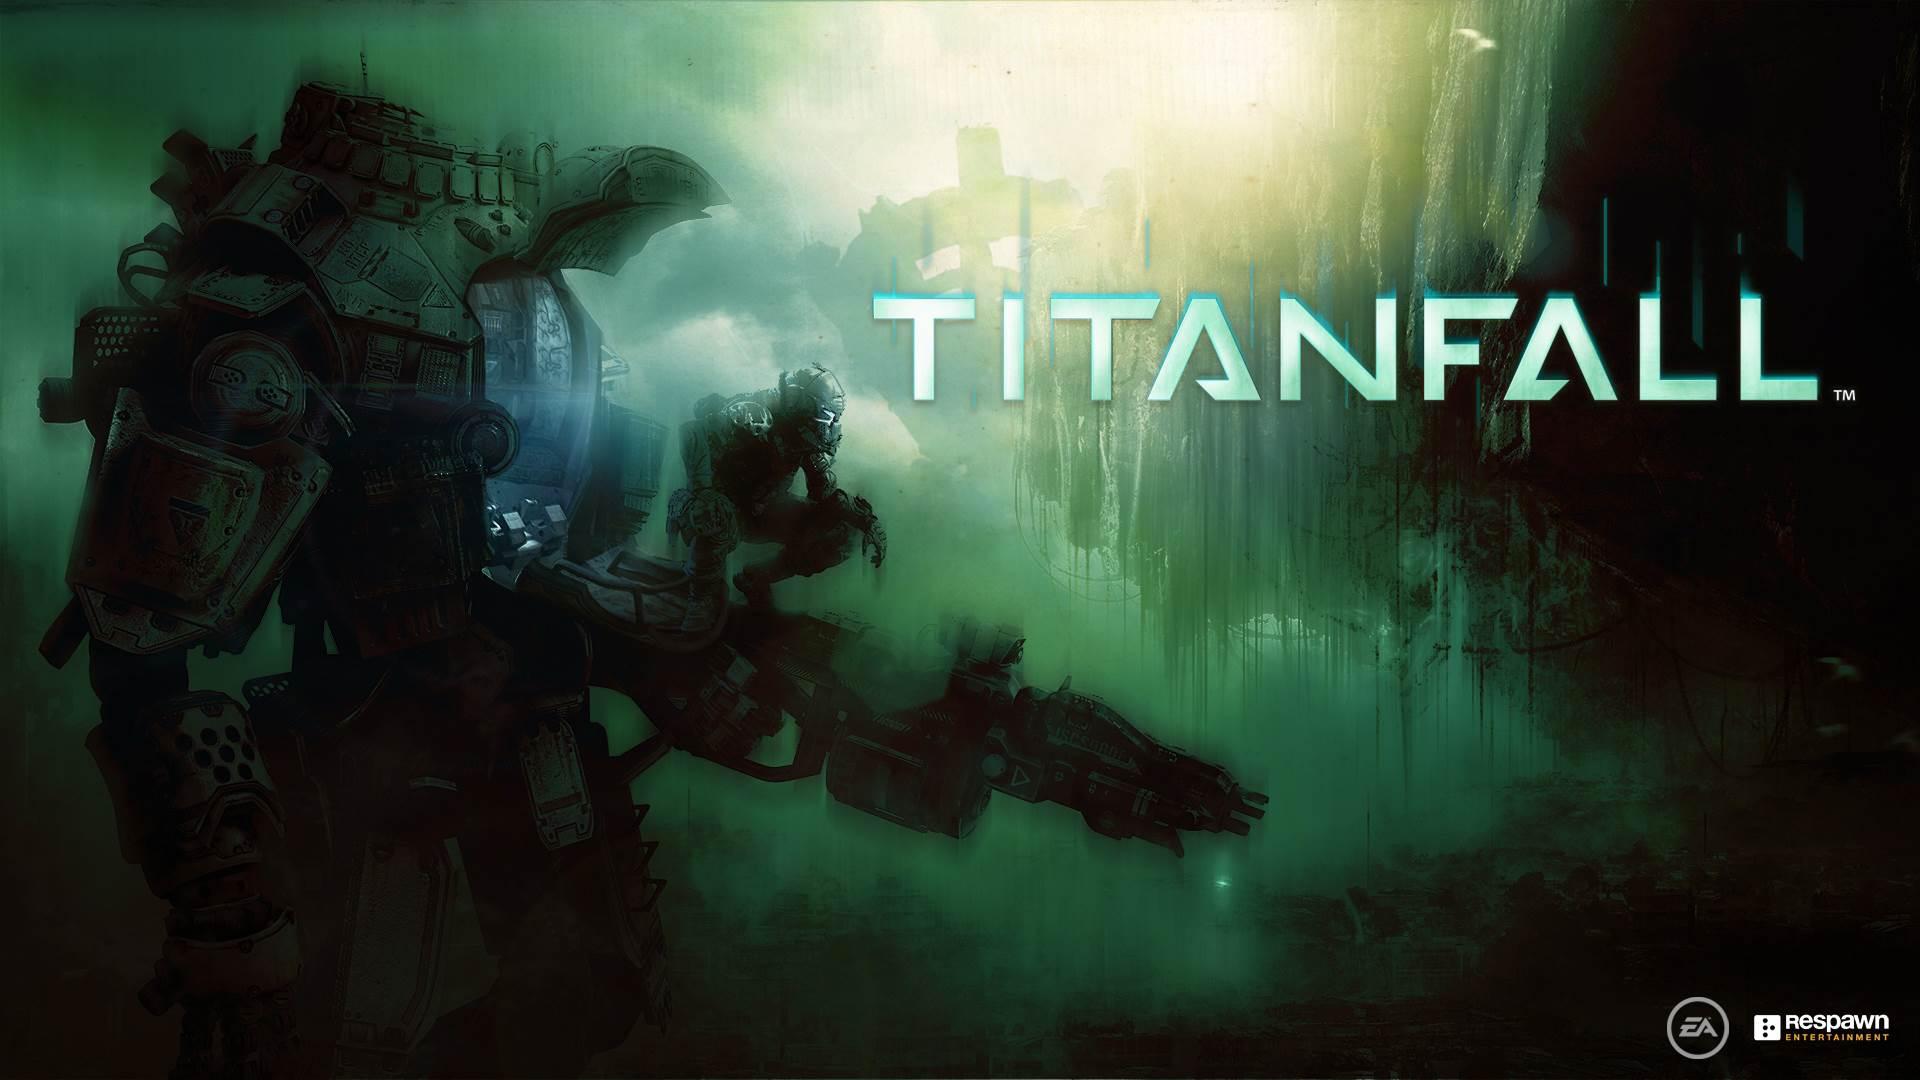 titanfall hd wallpaper